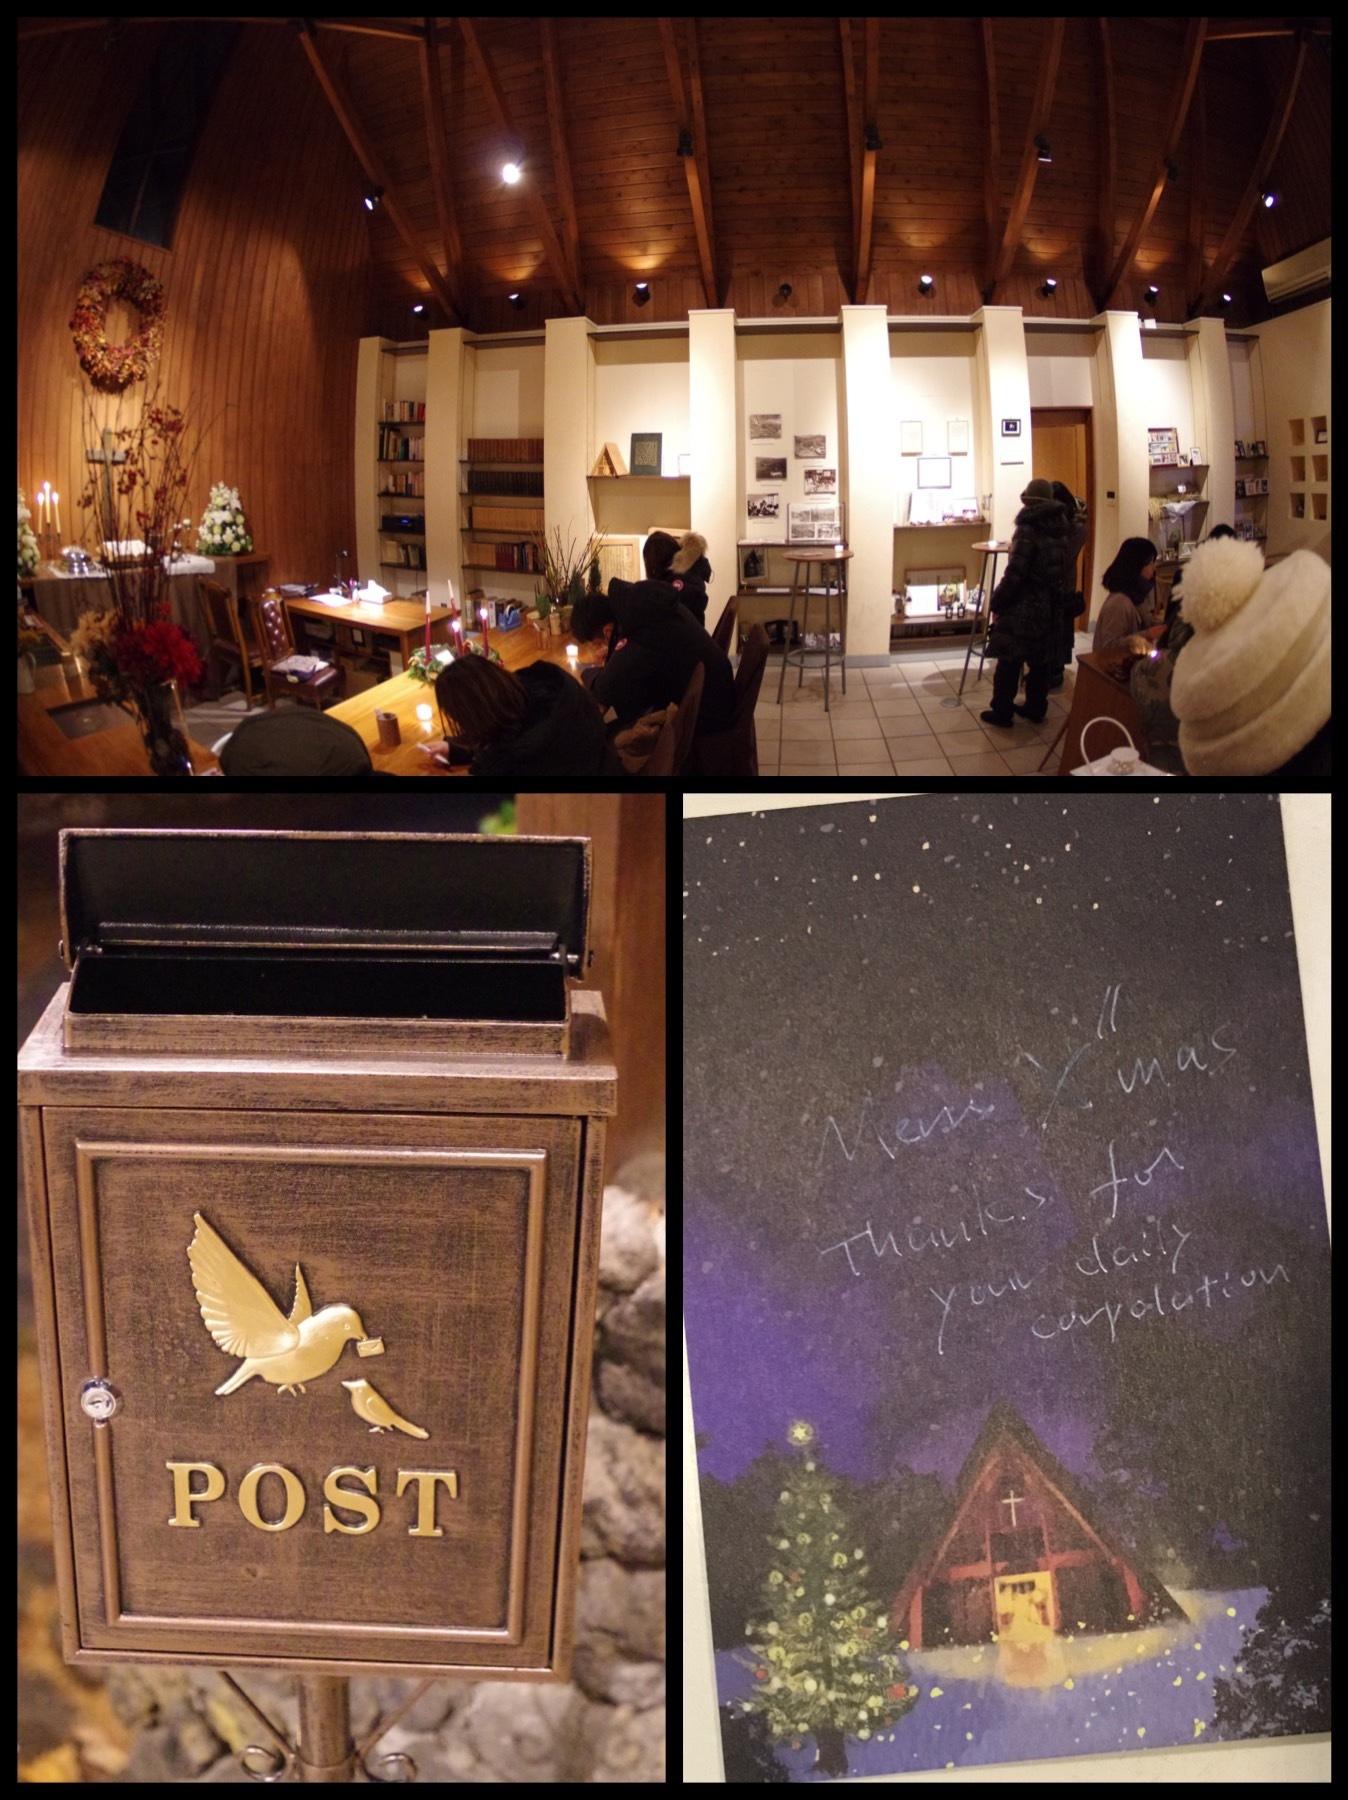 星のや軽井沢 ホテルブレストンコート 軽井沢高原教会 クリスマスキャンドルナイト クリスマスカード郵送